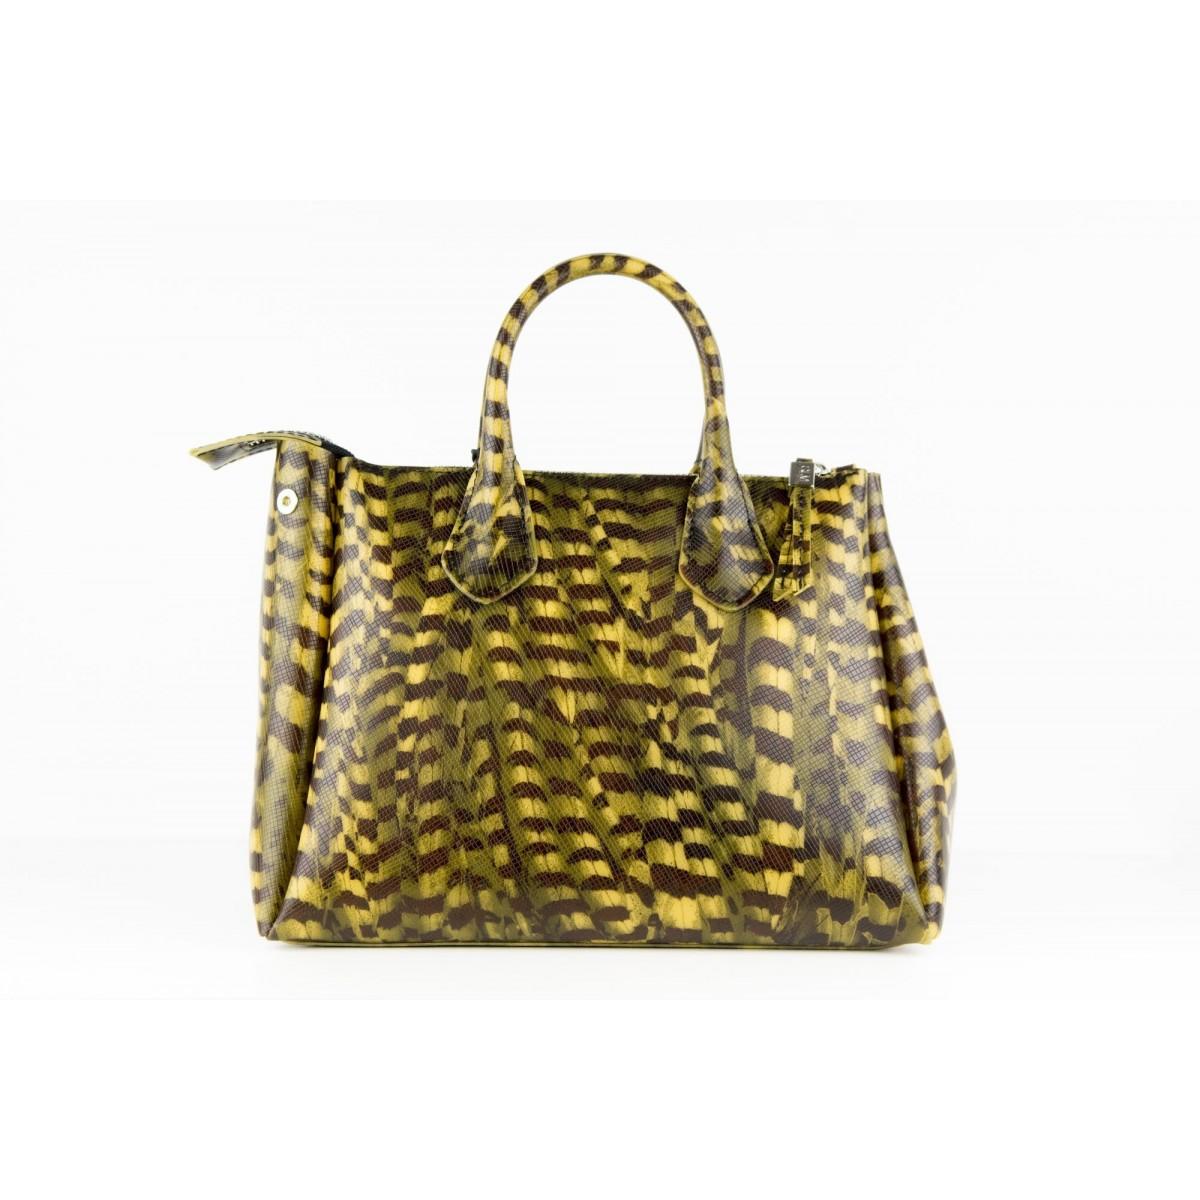 Bags Gum - Gianni Chiarini Design - 1740 Piuma